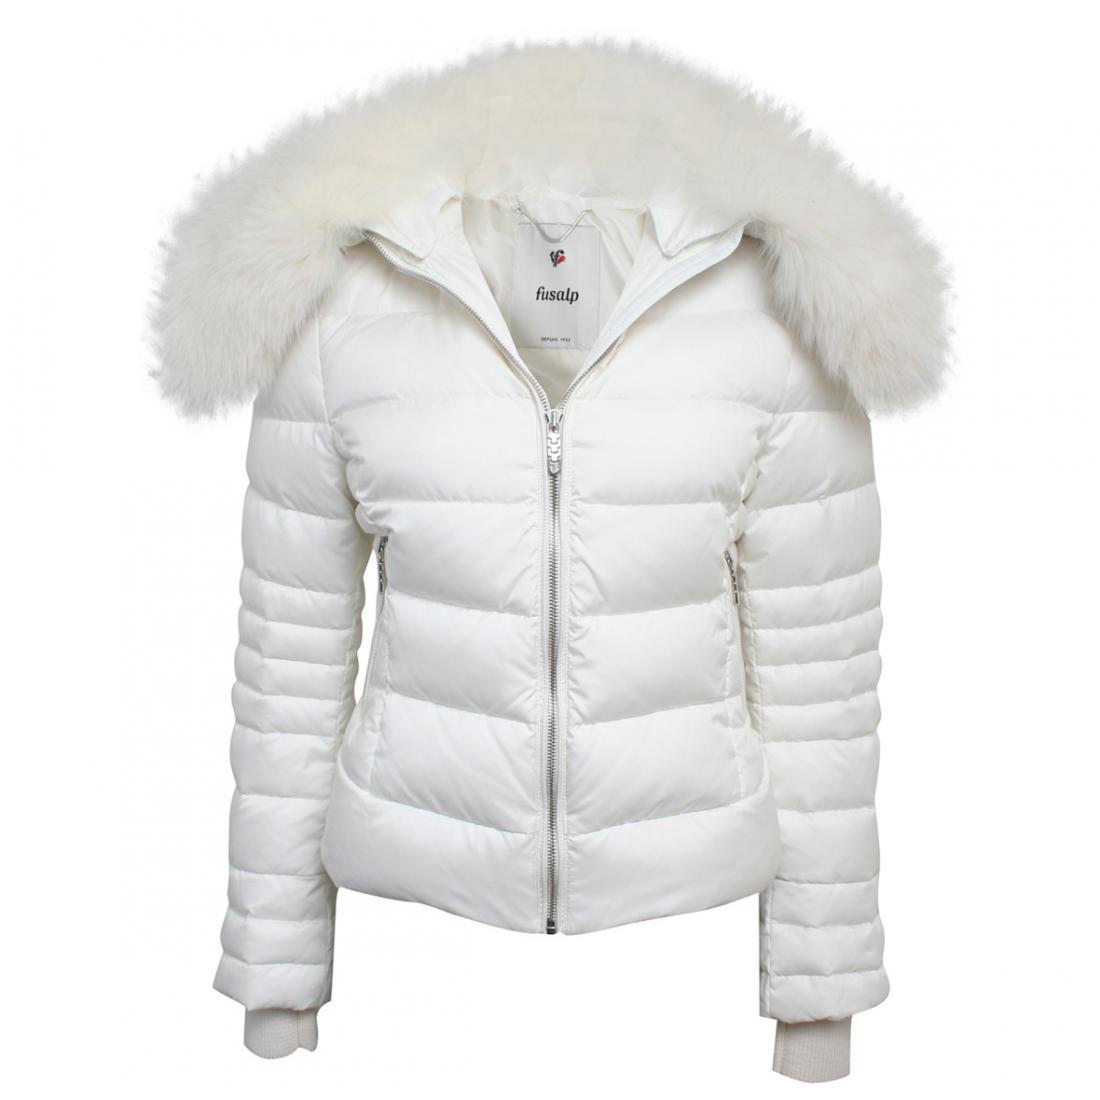 Куртка E1022 CHAMONIX жен.Куртки<br><br> Женский пуховик Chamonix – стильная зимняя модель с хорошей защитой шеи, поясницы и рук от мороза и пронизывающего ветра. Приталенный крой ...<br><br>Цвет: Белый<br>Размер: 38